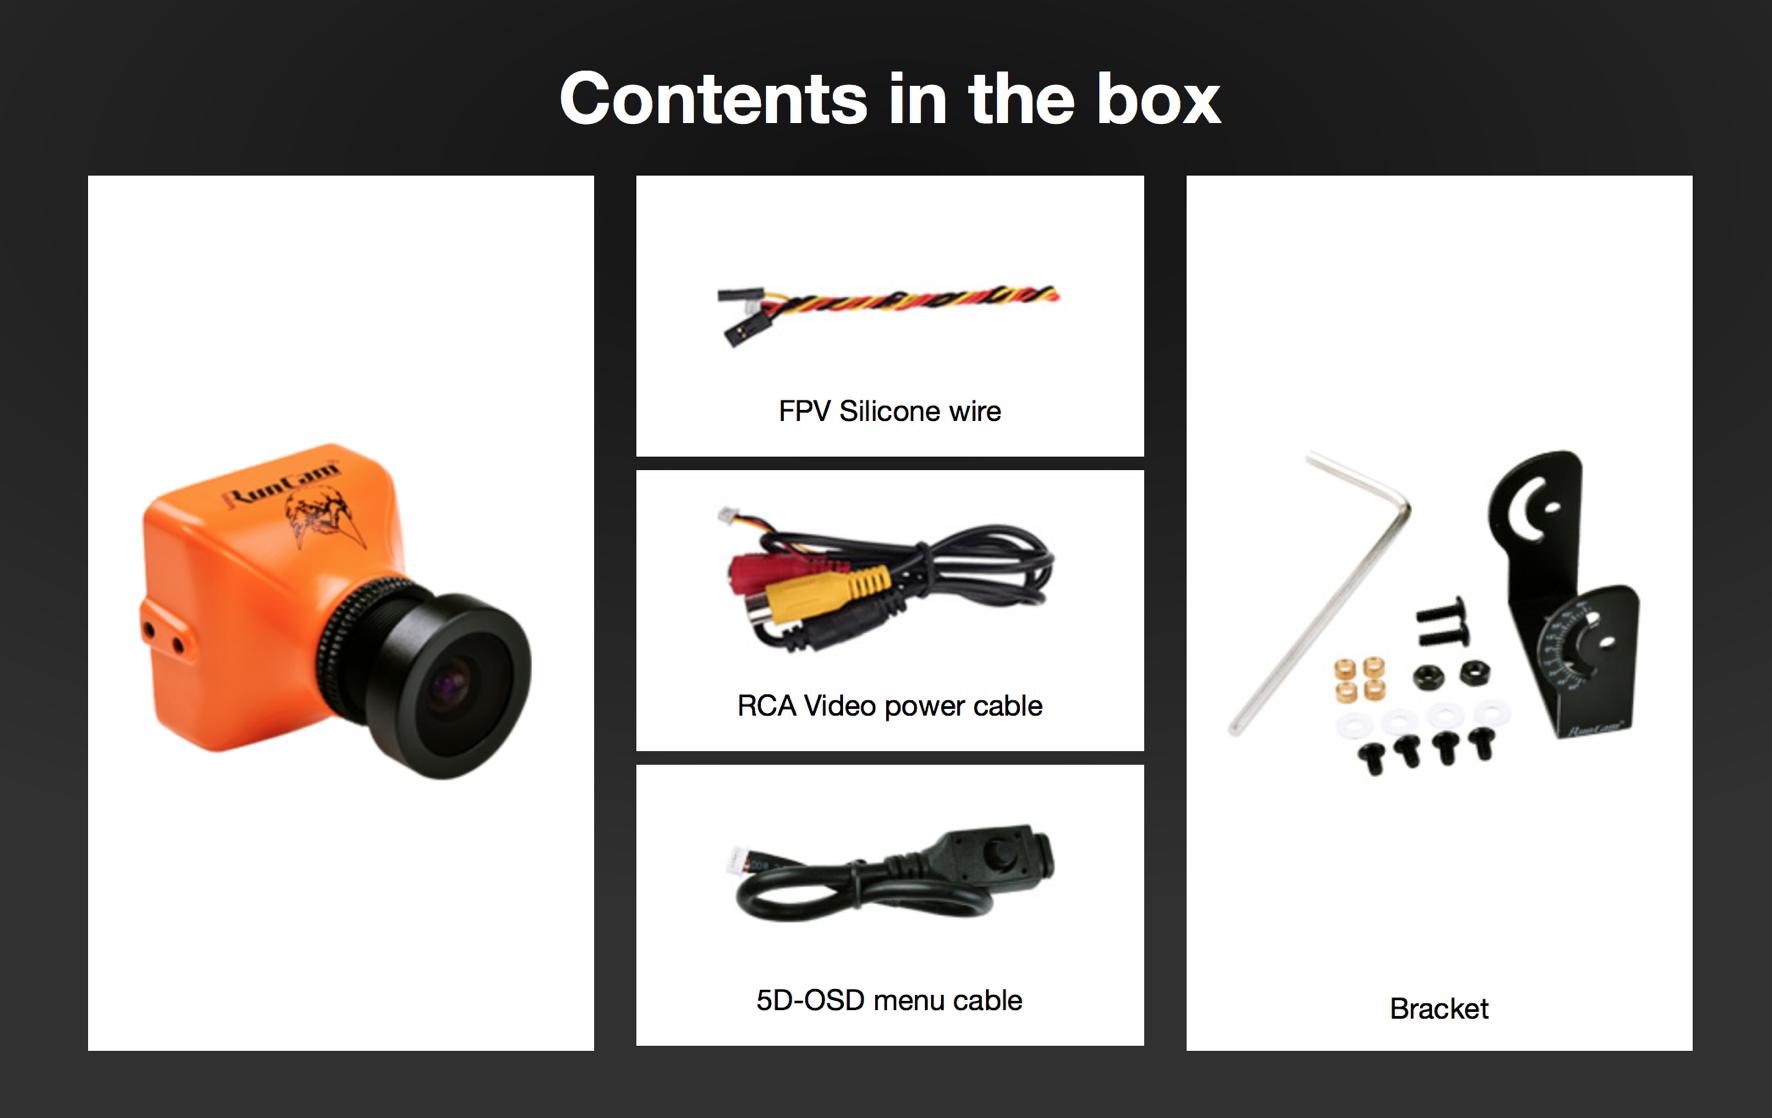 RunCam Eagle Box Contents: Camera, Tilt Mount, OSD Cable, Cable